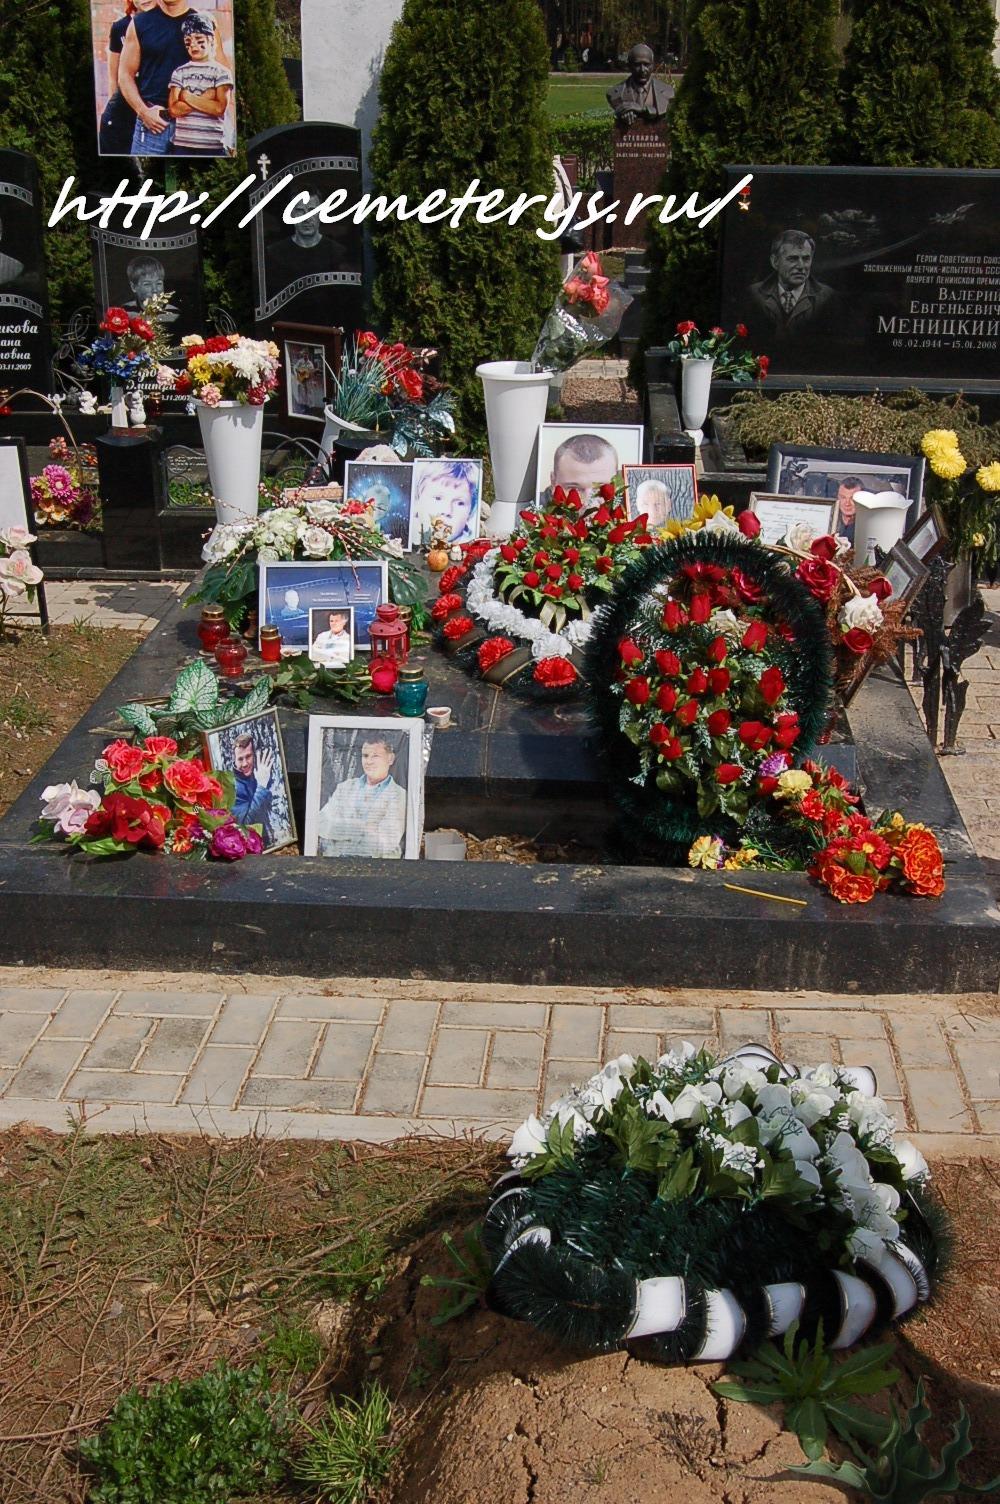 фото могилы Владислава Галкина на Троекуровском кладбище в Москве ( фото Дмитрия Кондратьева )